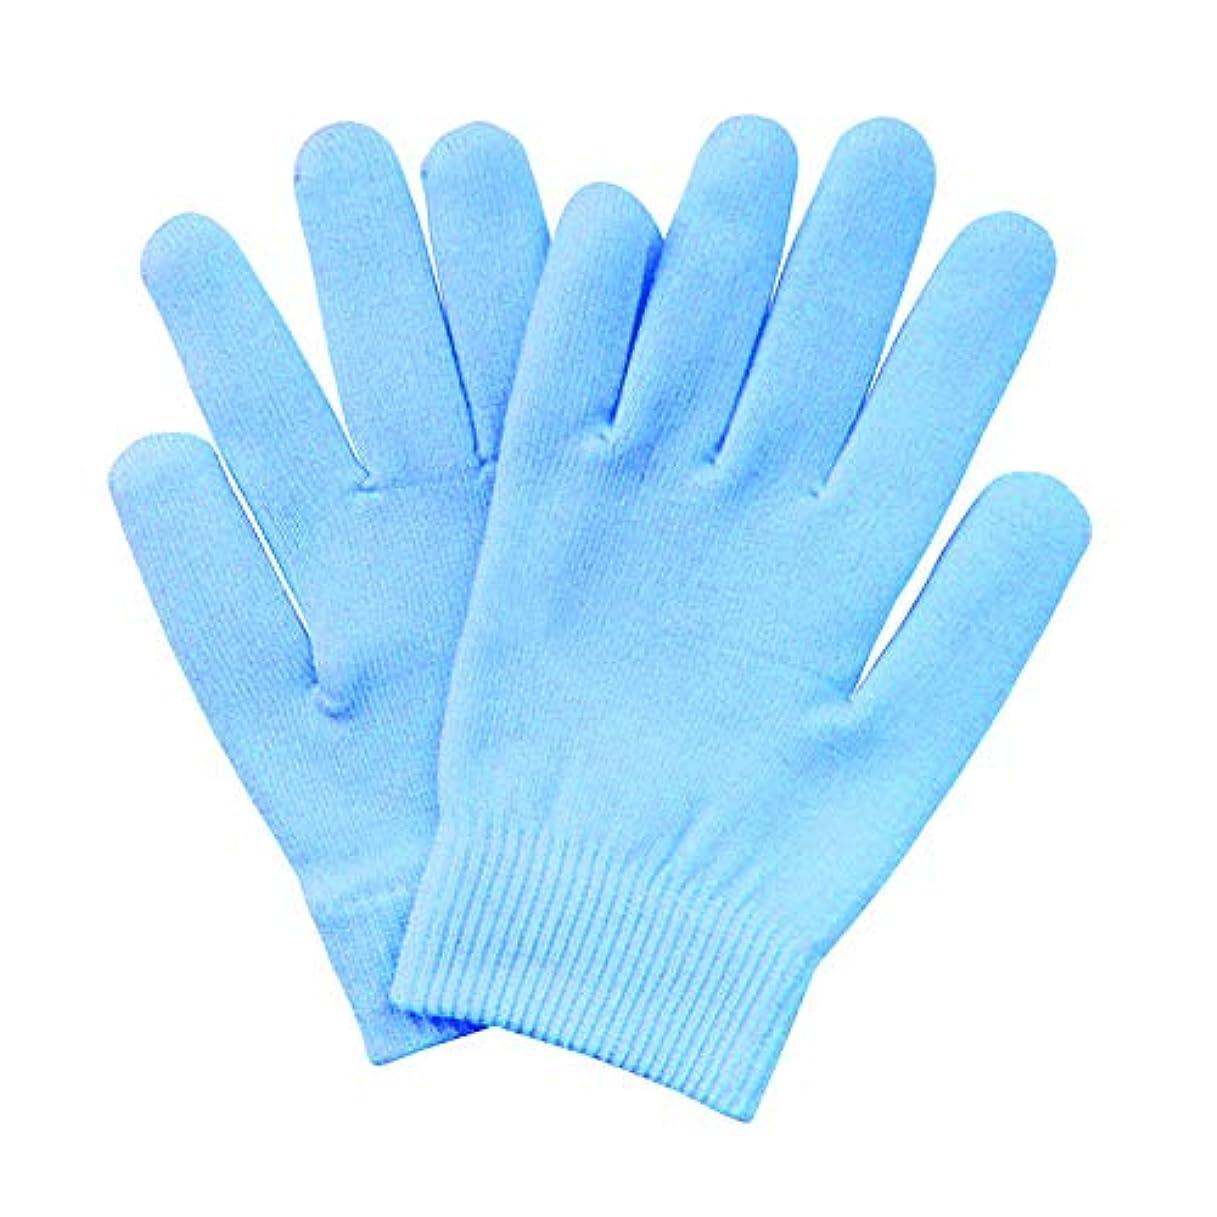 セブン突き刺す一時停止Pinkiou SPAジェルグローブ 手袋 保湿 美肌 手袋 ハンドケア 角質ケア 手荒れ対策 スキンケア ホホバオイル ビタミンE レディース 綿 肌に優しい(ブルー)